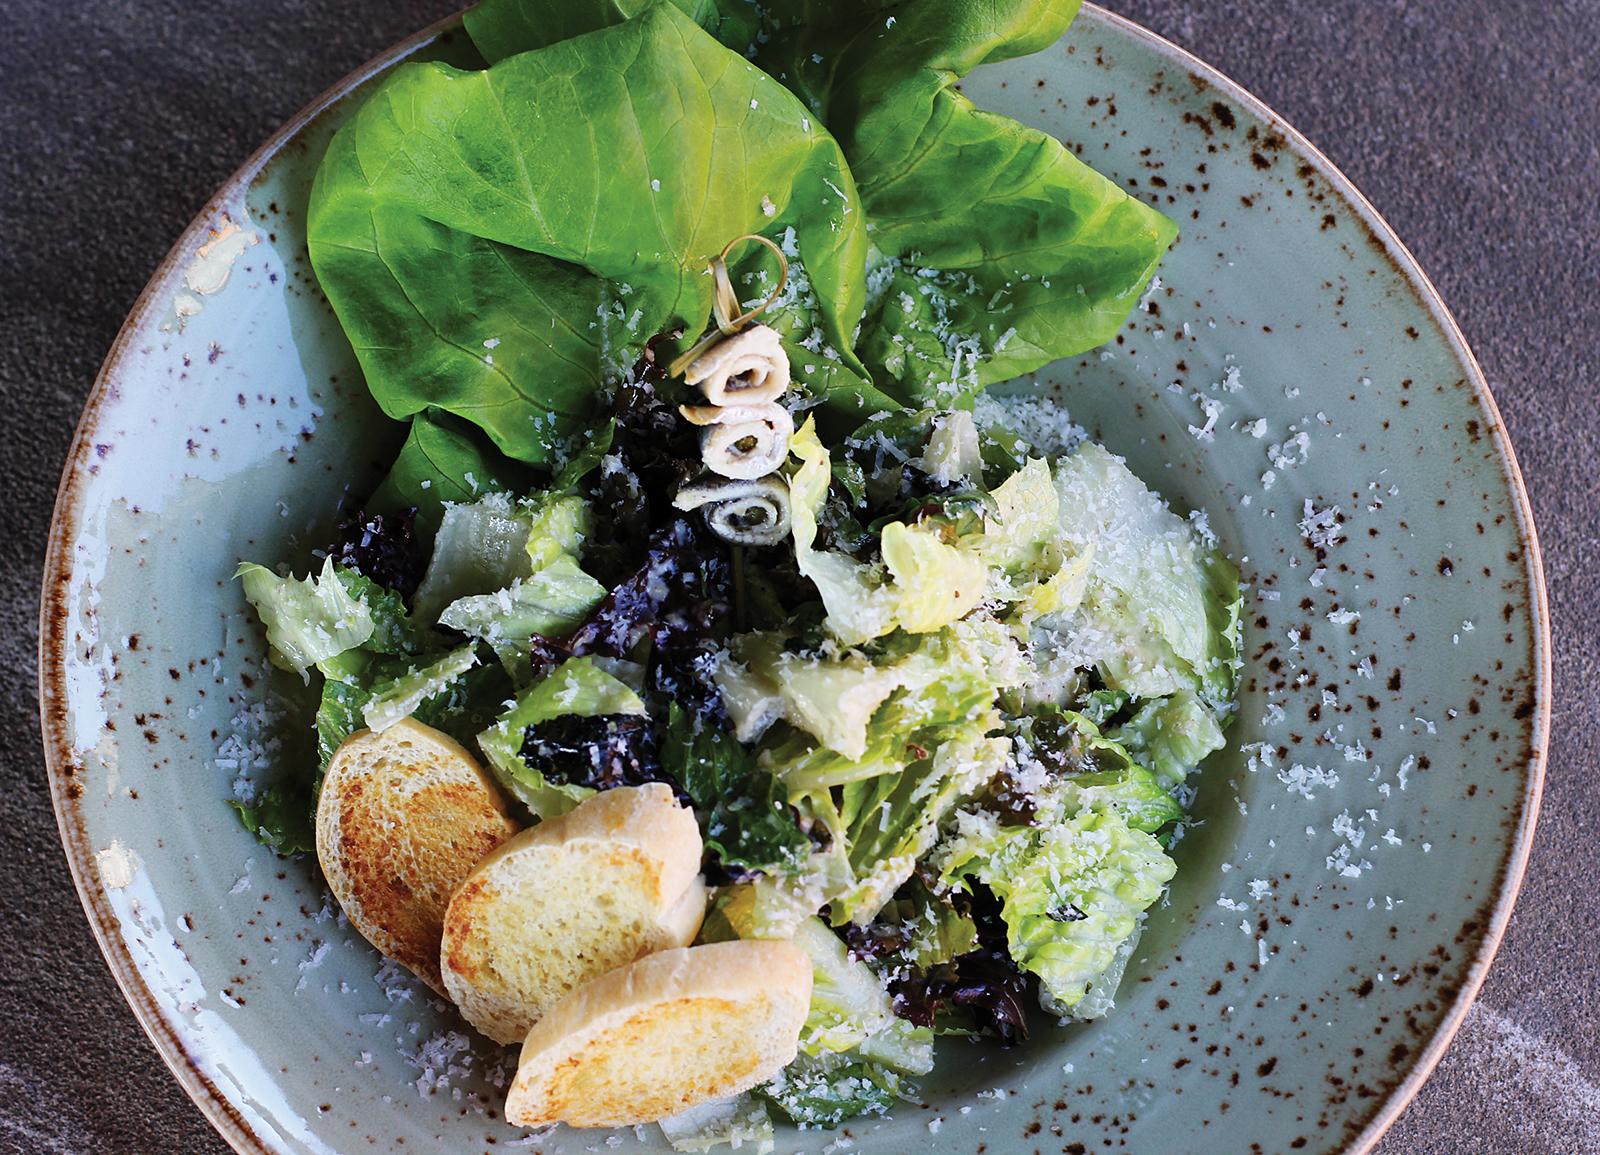 Madisons_restaurant_Highlands_nc_ceaser